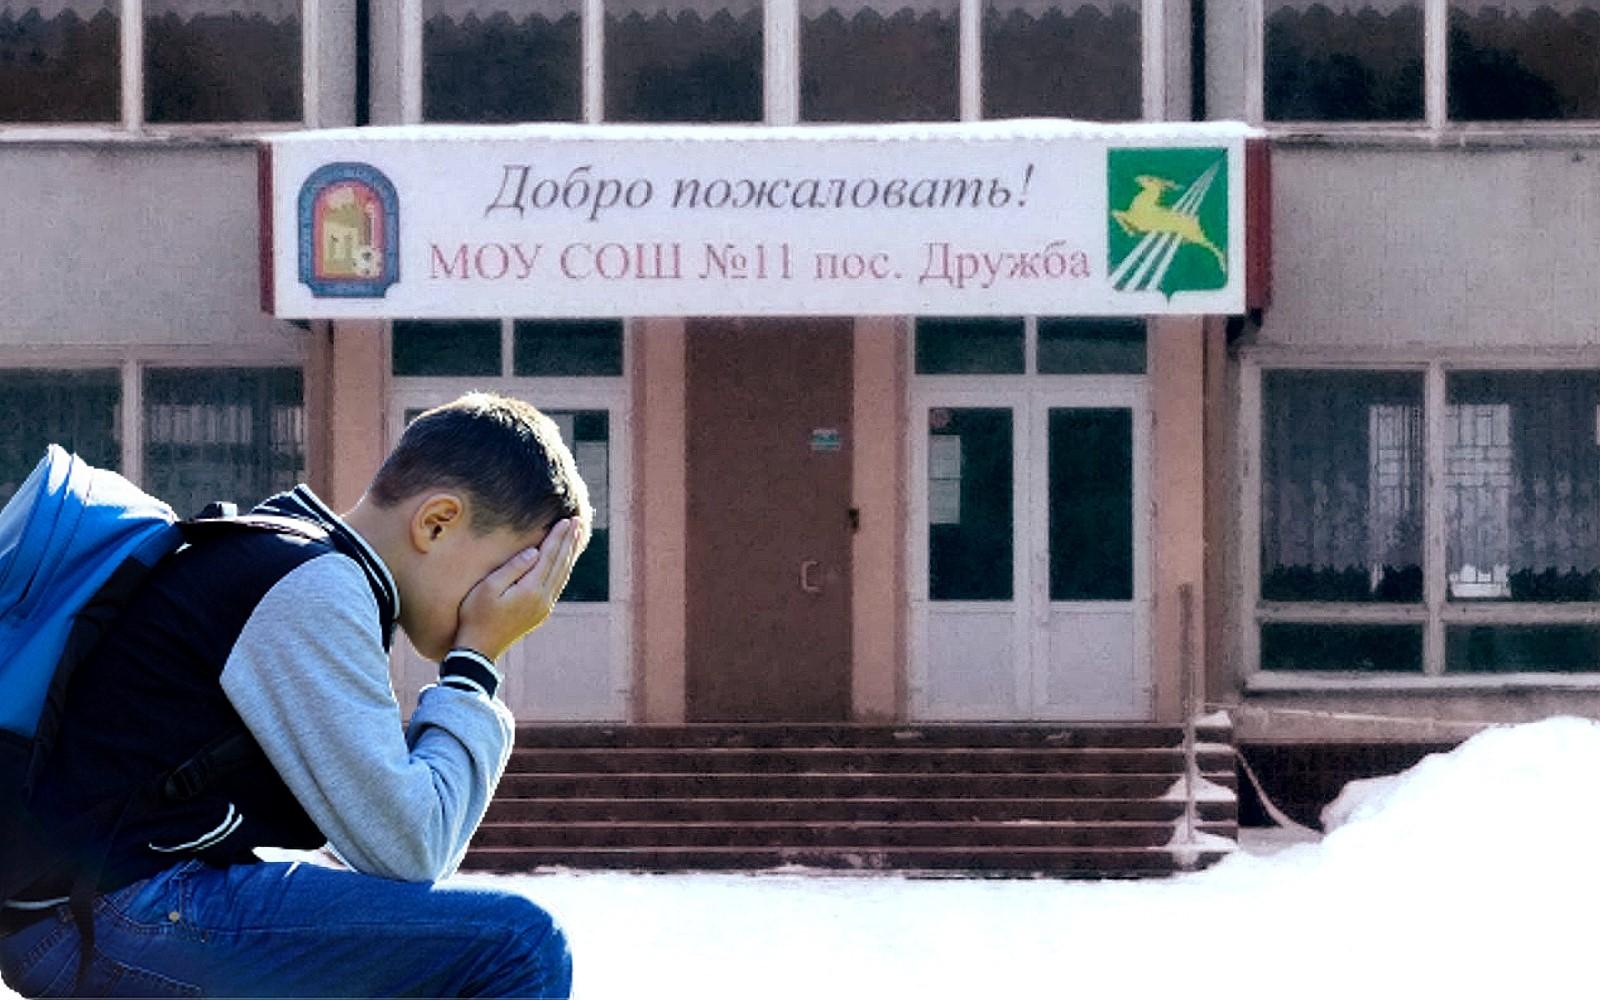 В Московской области произошло очередное отравление детей в школьной столовой